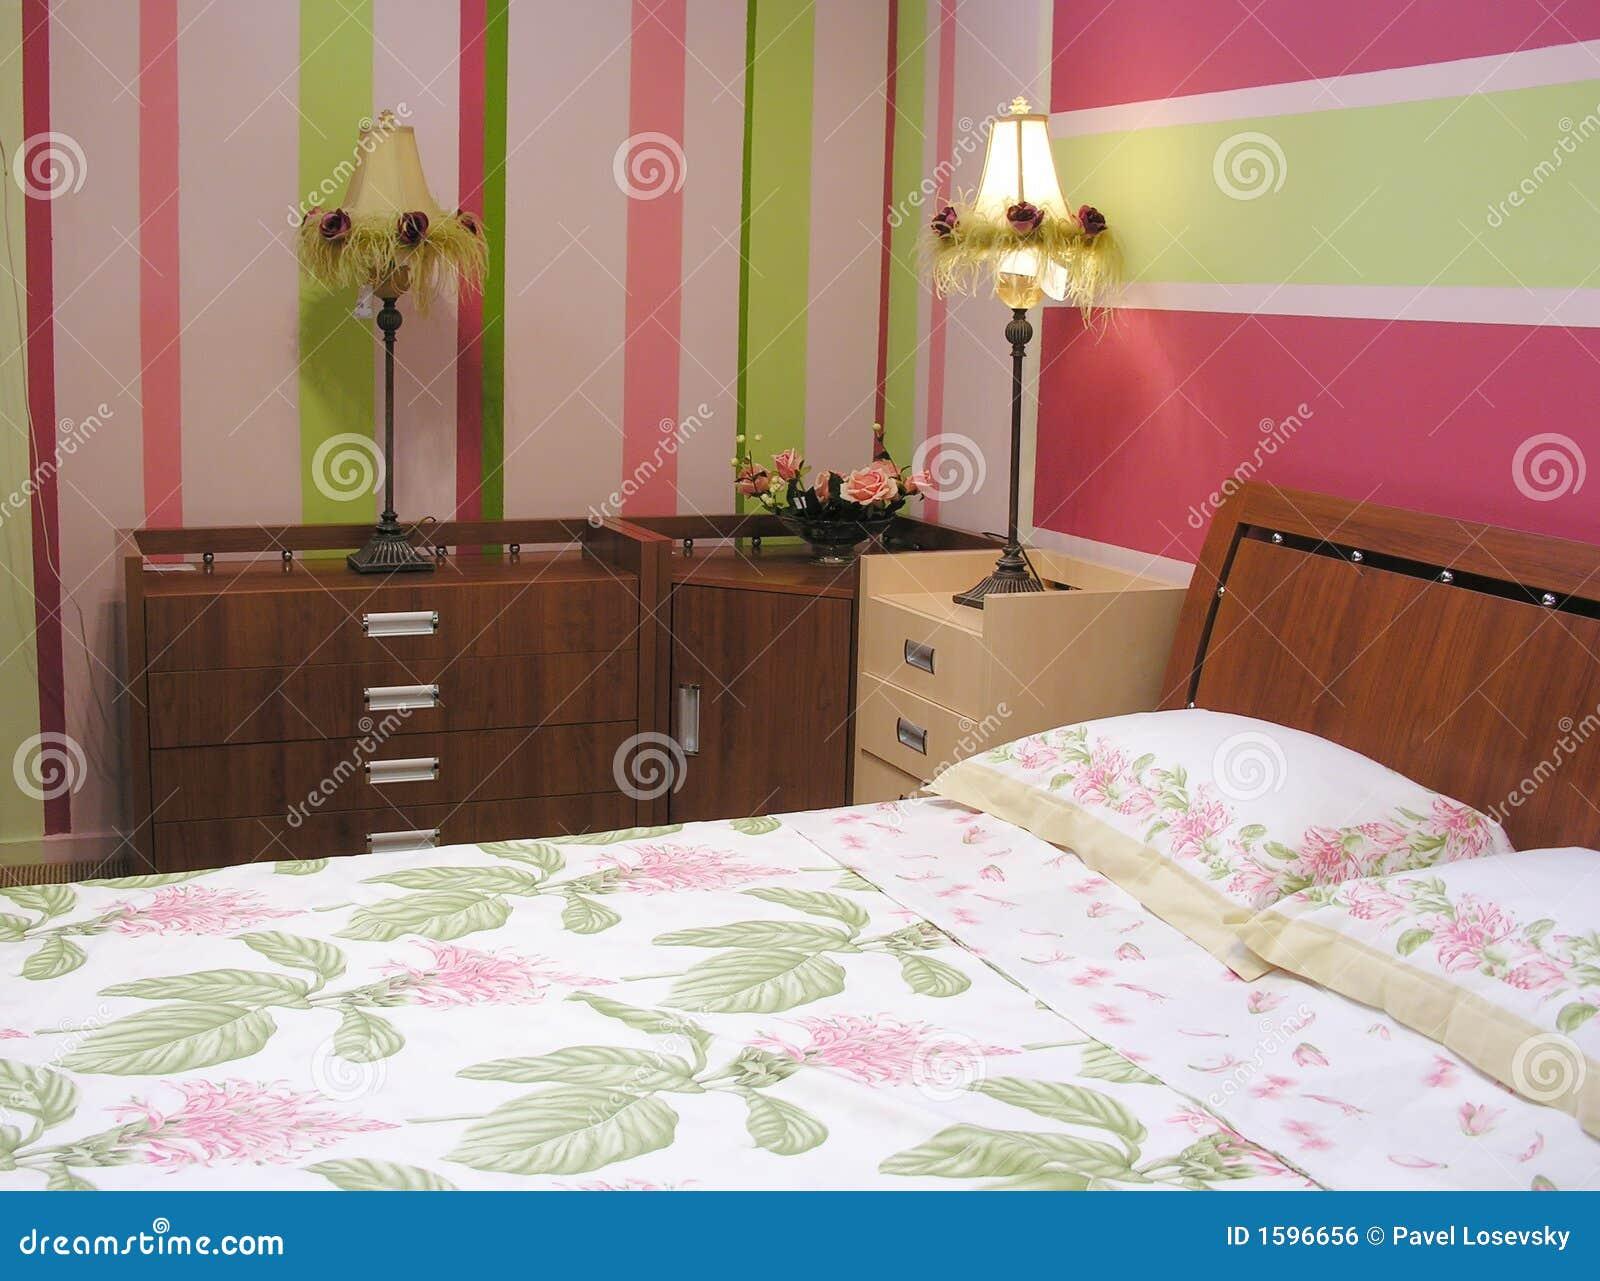 Cor Quarto Verde - Quarto Verde Corderosa Imagem de Stock Royalty Free  Imagem 1596656